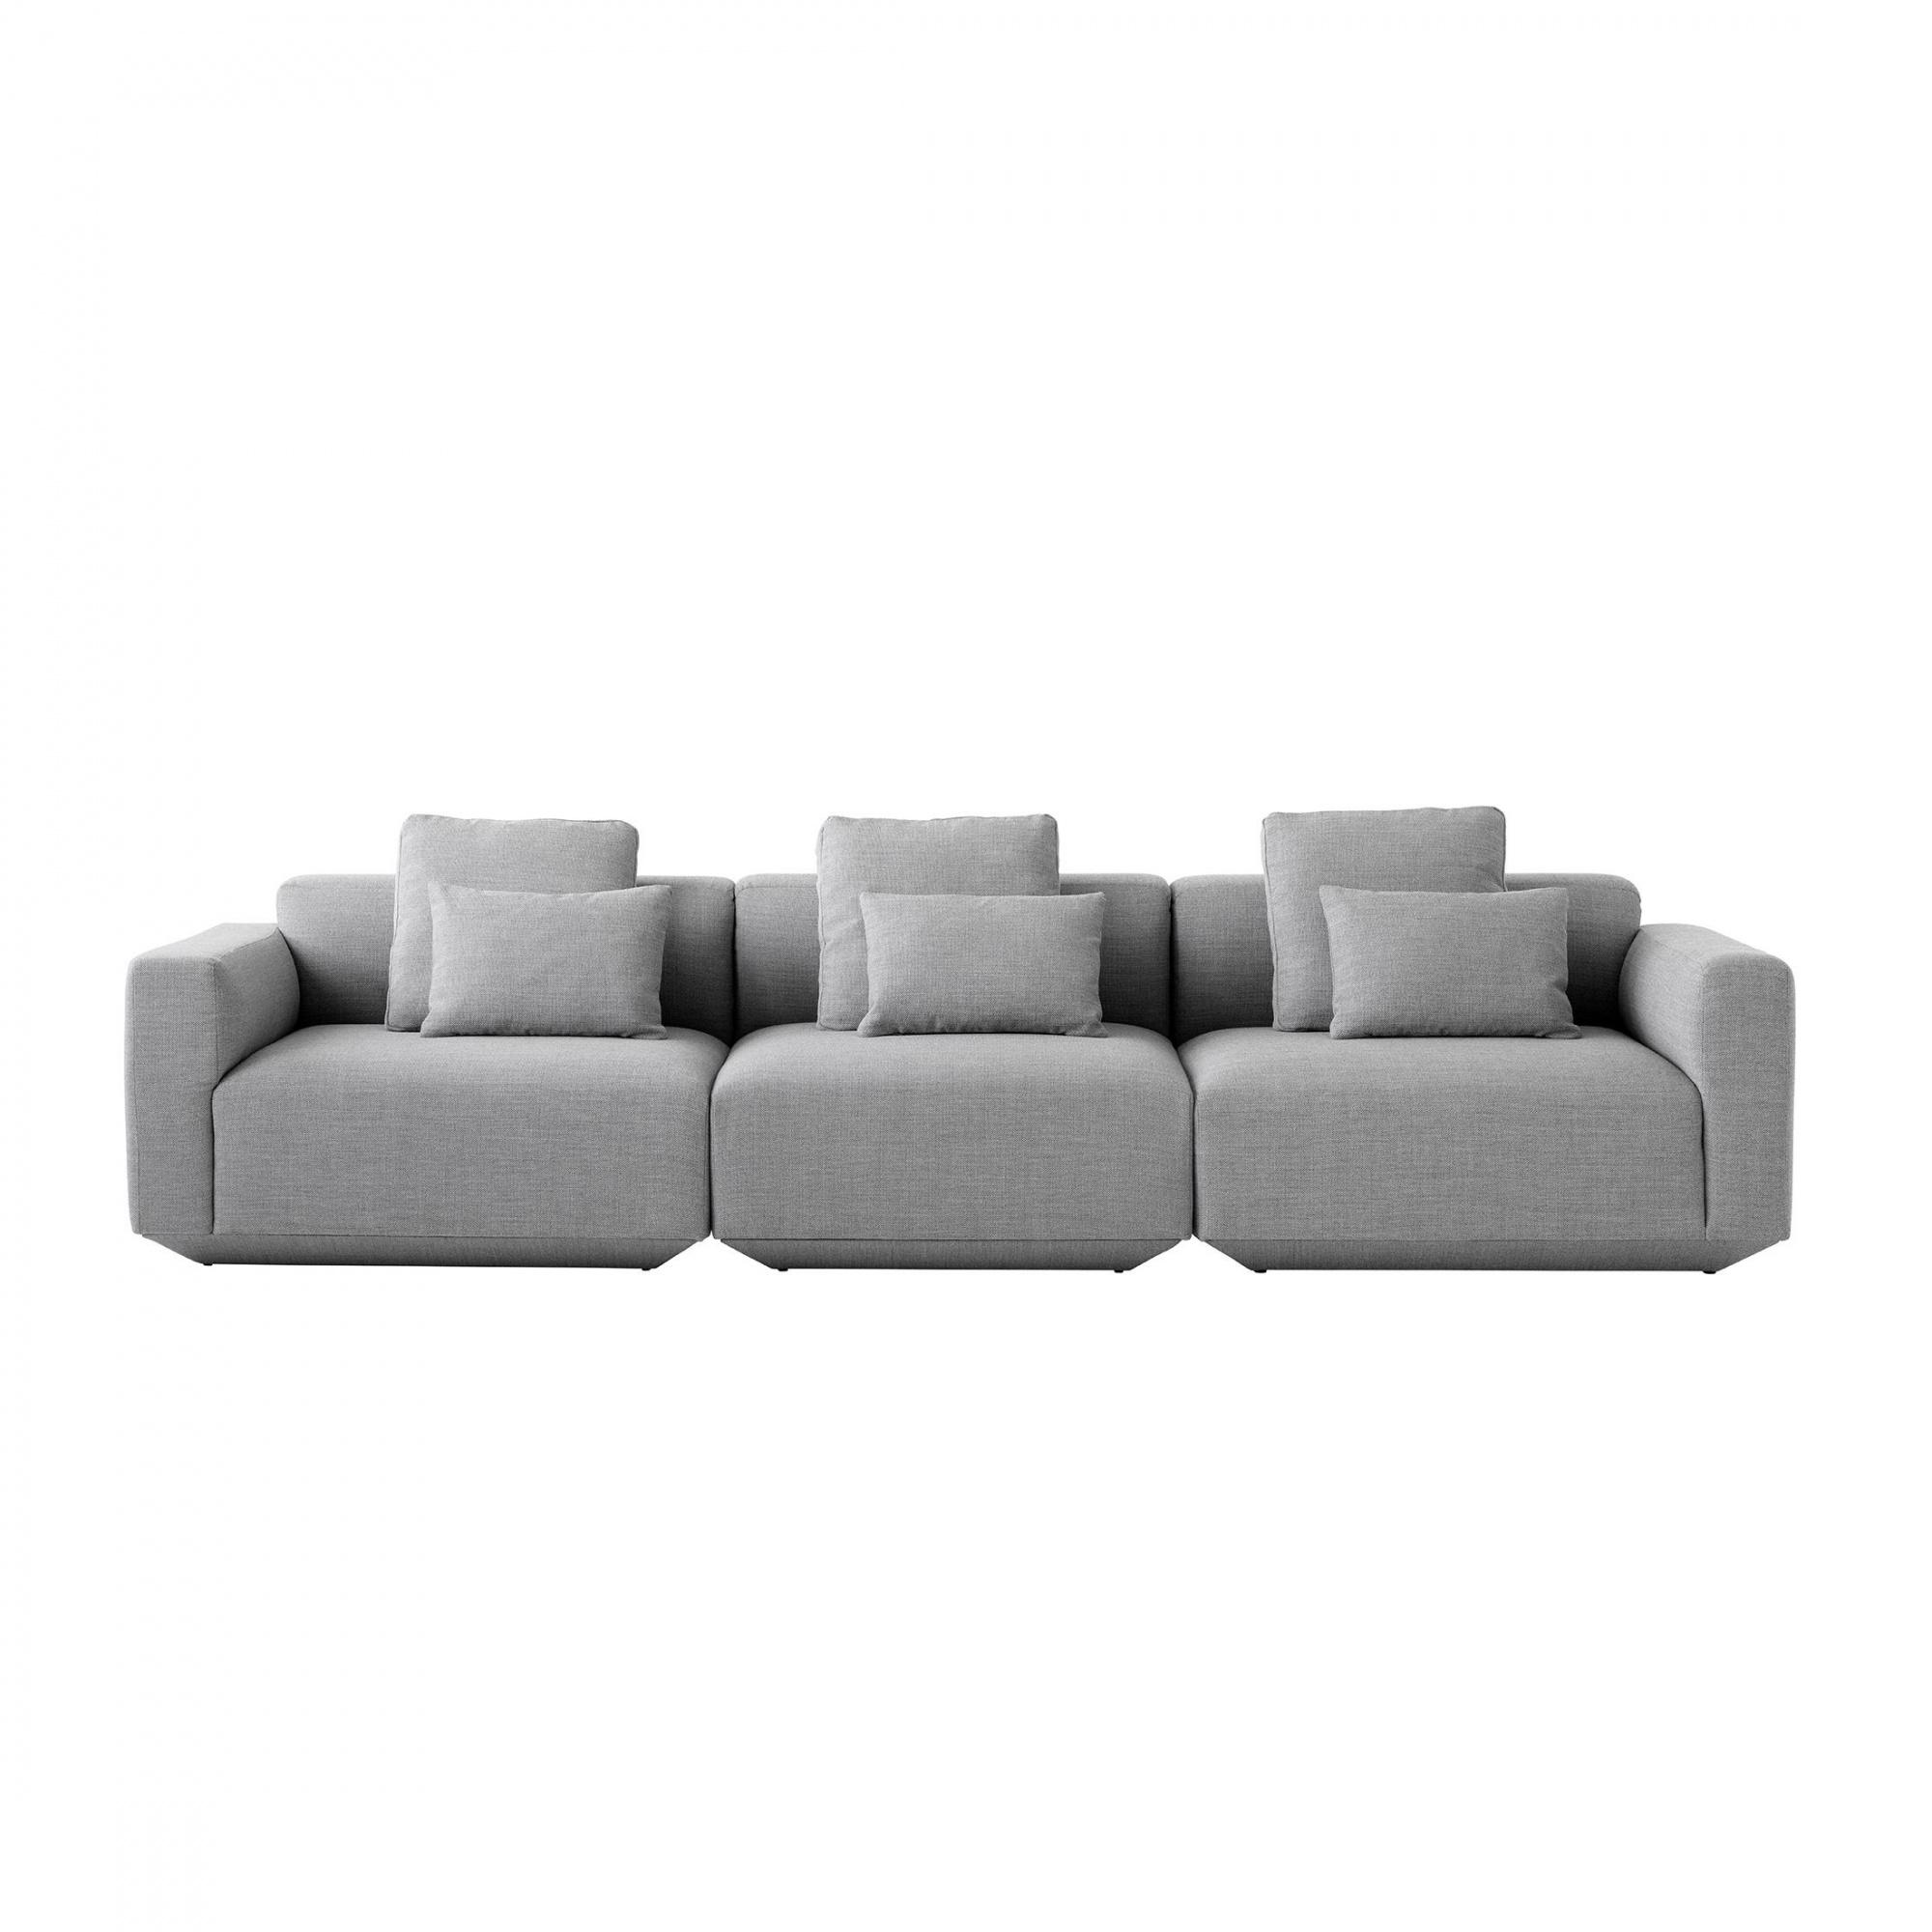 AndTradition - Canapé de 3 places Develius 309x70x89cm - gris/tissu Fiord 151/incl. coussins 13x 50x50cm/3x 50x35cm